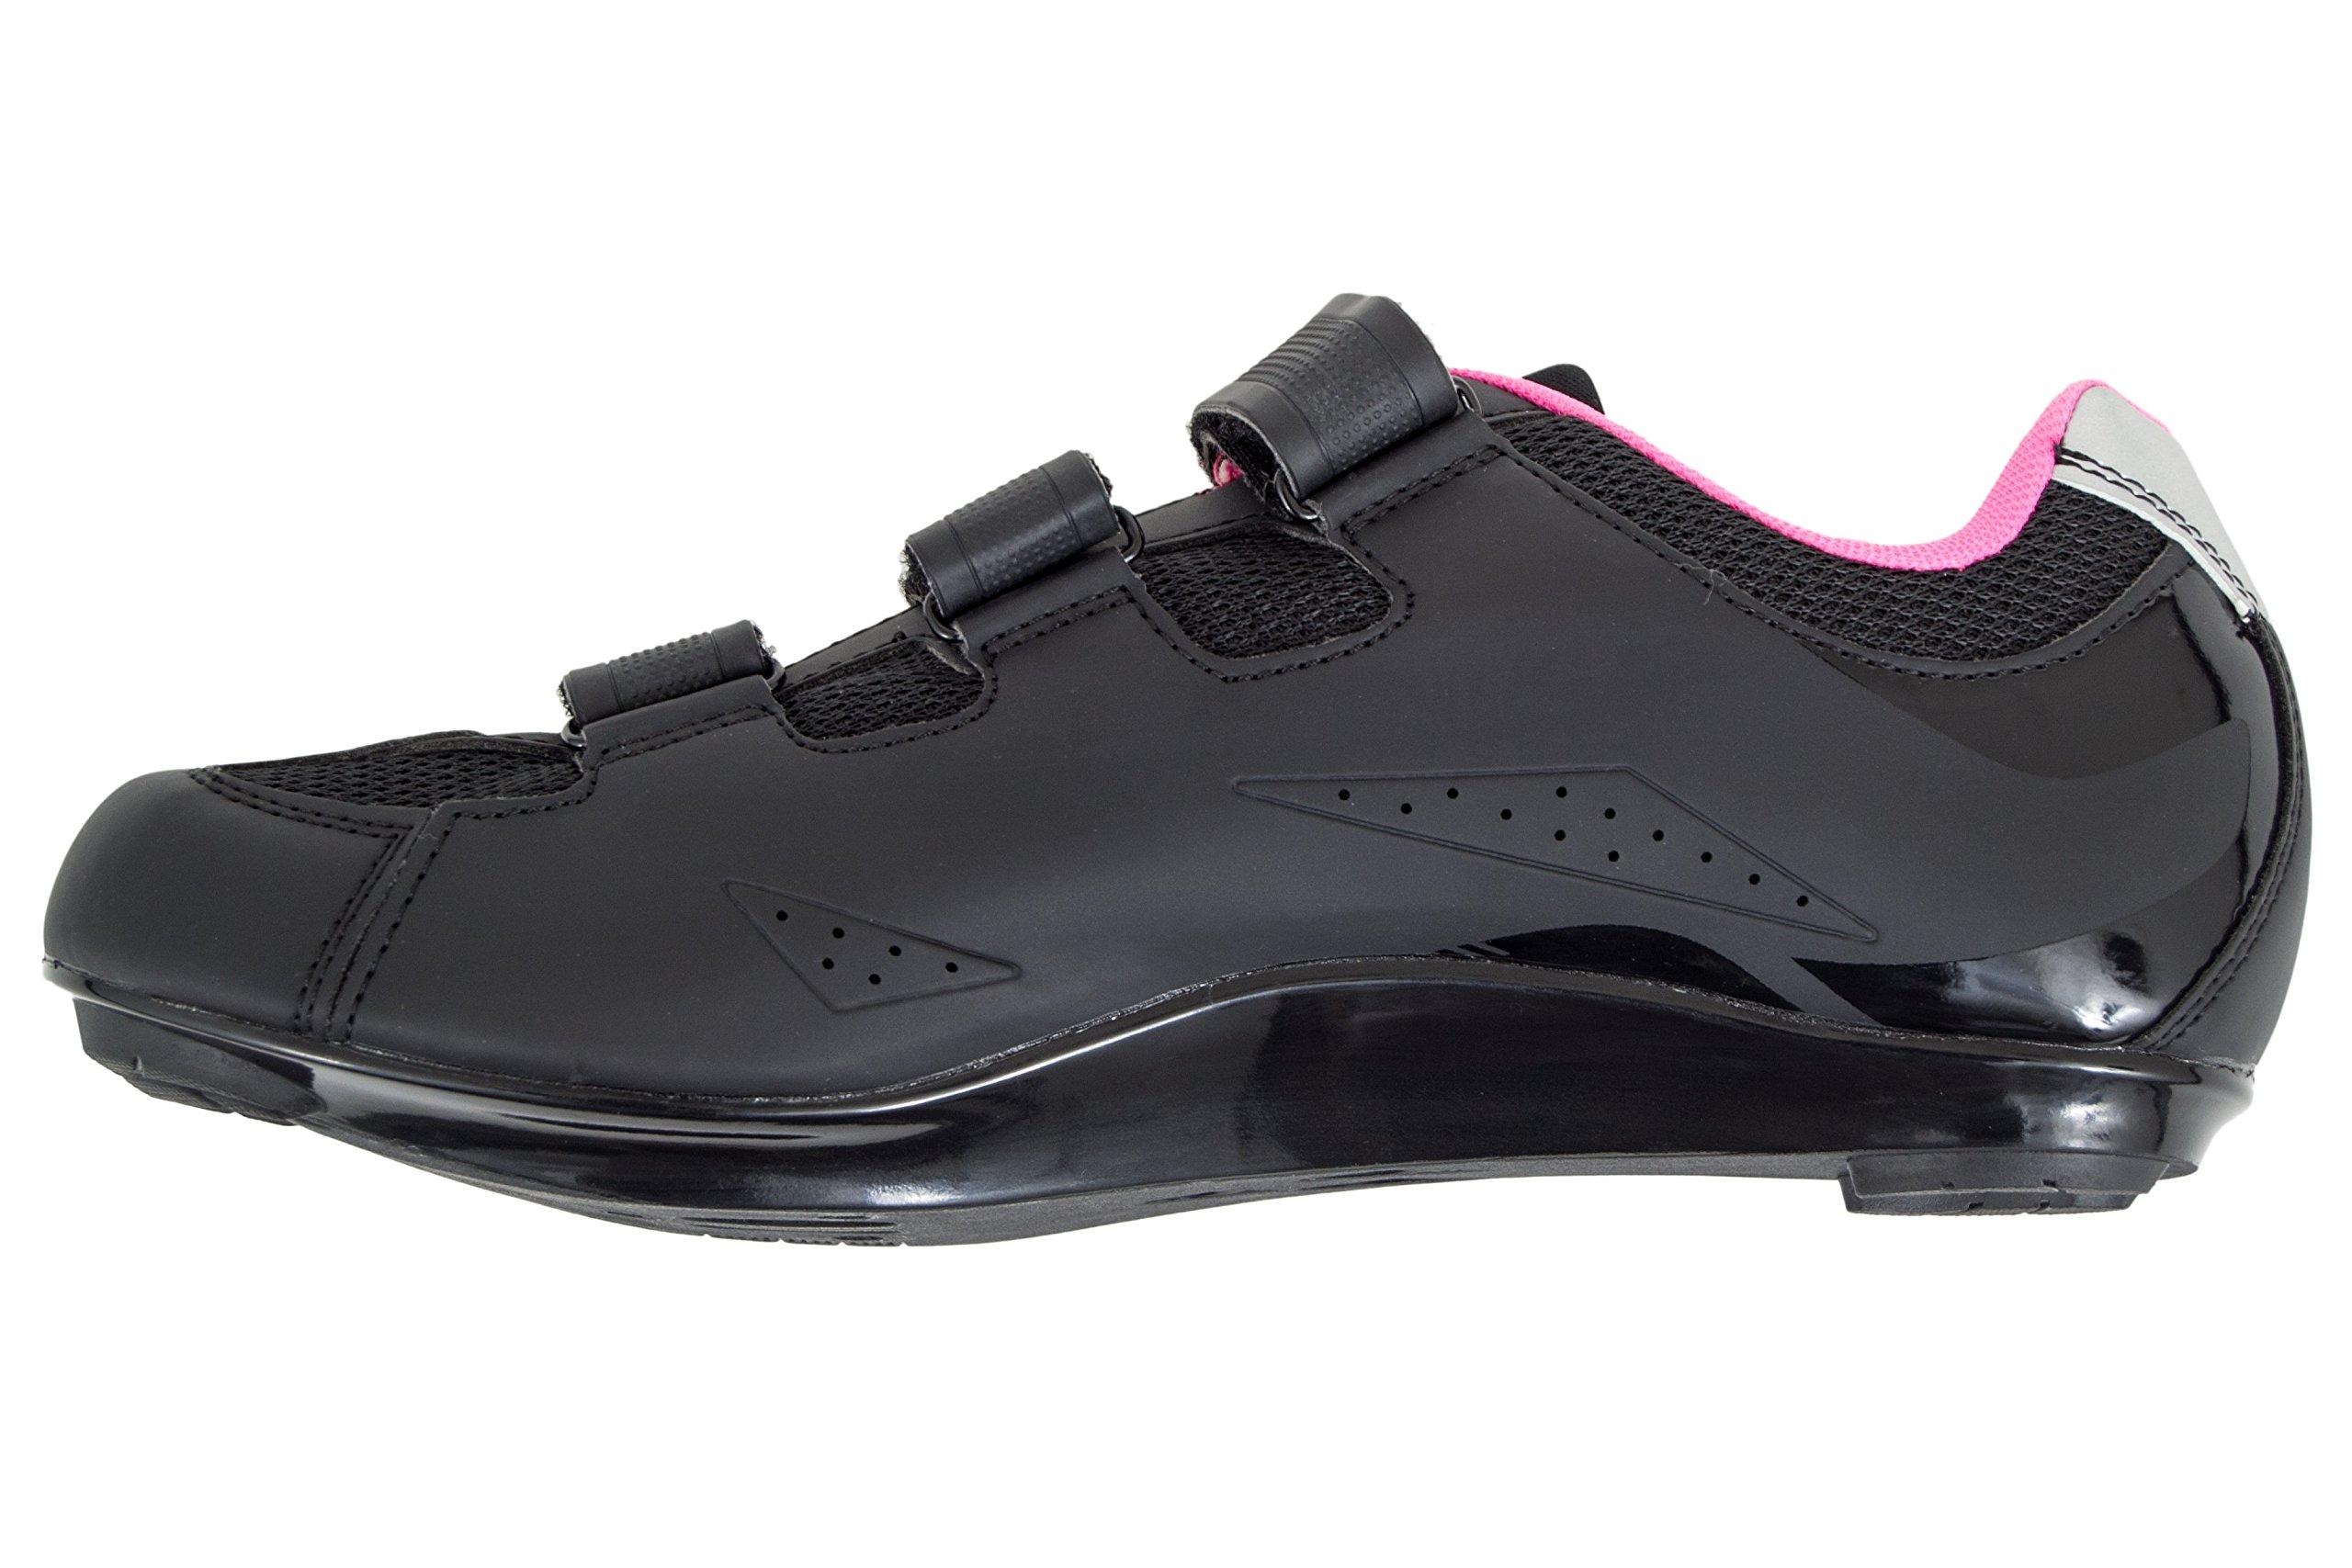 Tommaso Pista Women's Spin Class Ready Cycling Shoe - Black/Pink - Look Delta - 38 by Tommaso (Image #9)